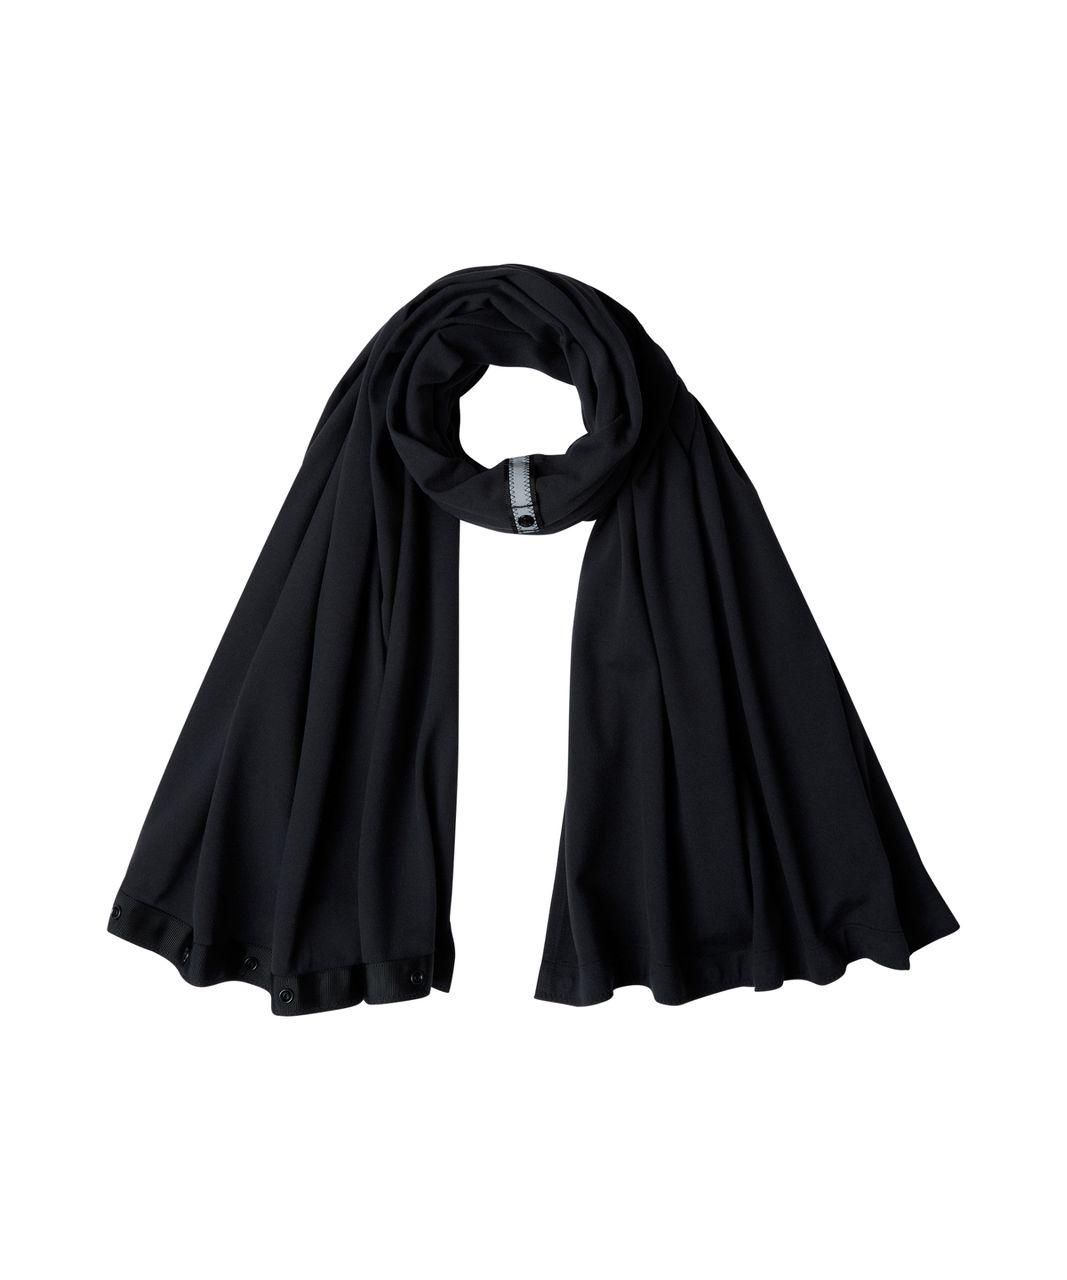 Lululemon Vinyasa Scarf *Rulu - Black